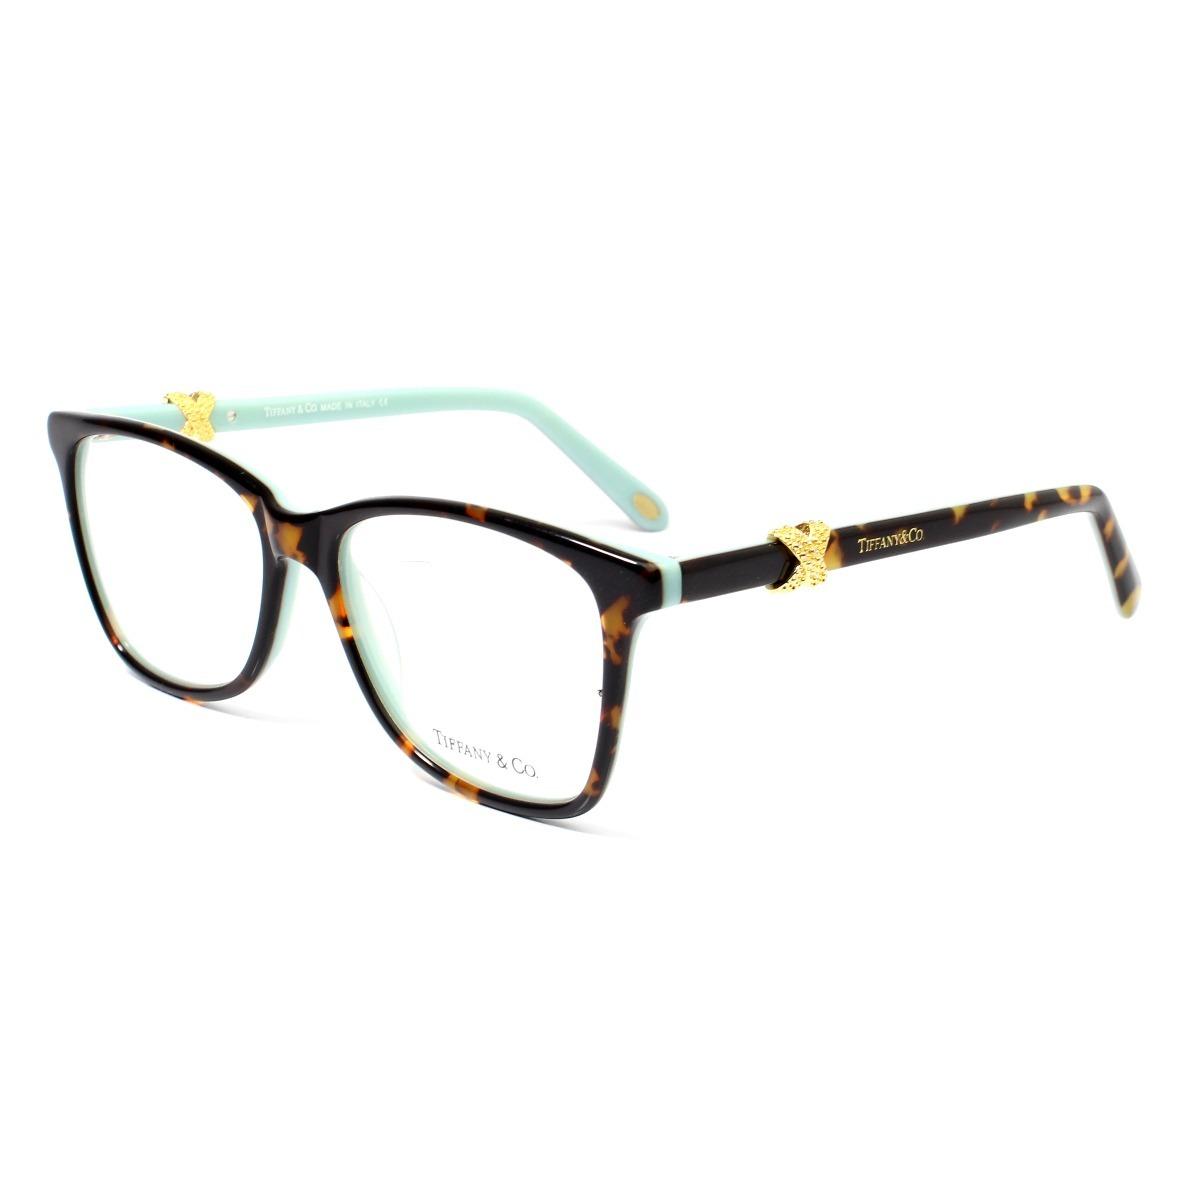 991aead35fb7b armação de grau - tiffany   co. laço - tf2220b 8139 oculos. Carregando zoom.